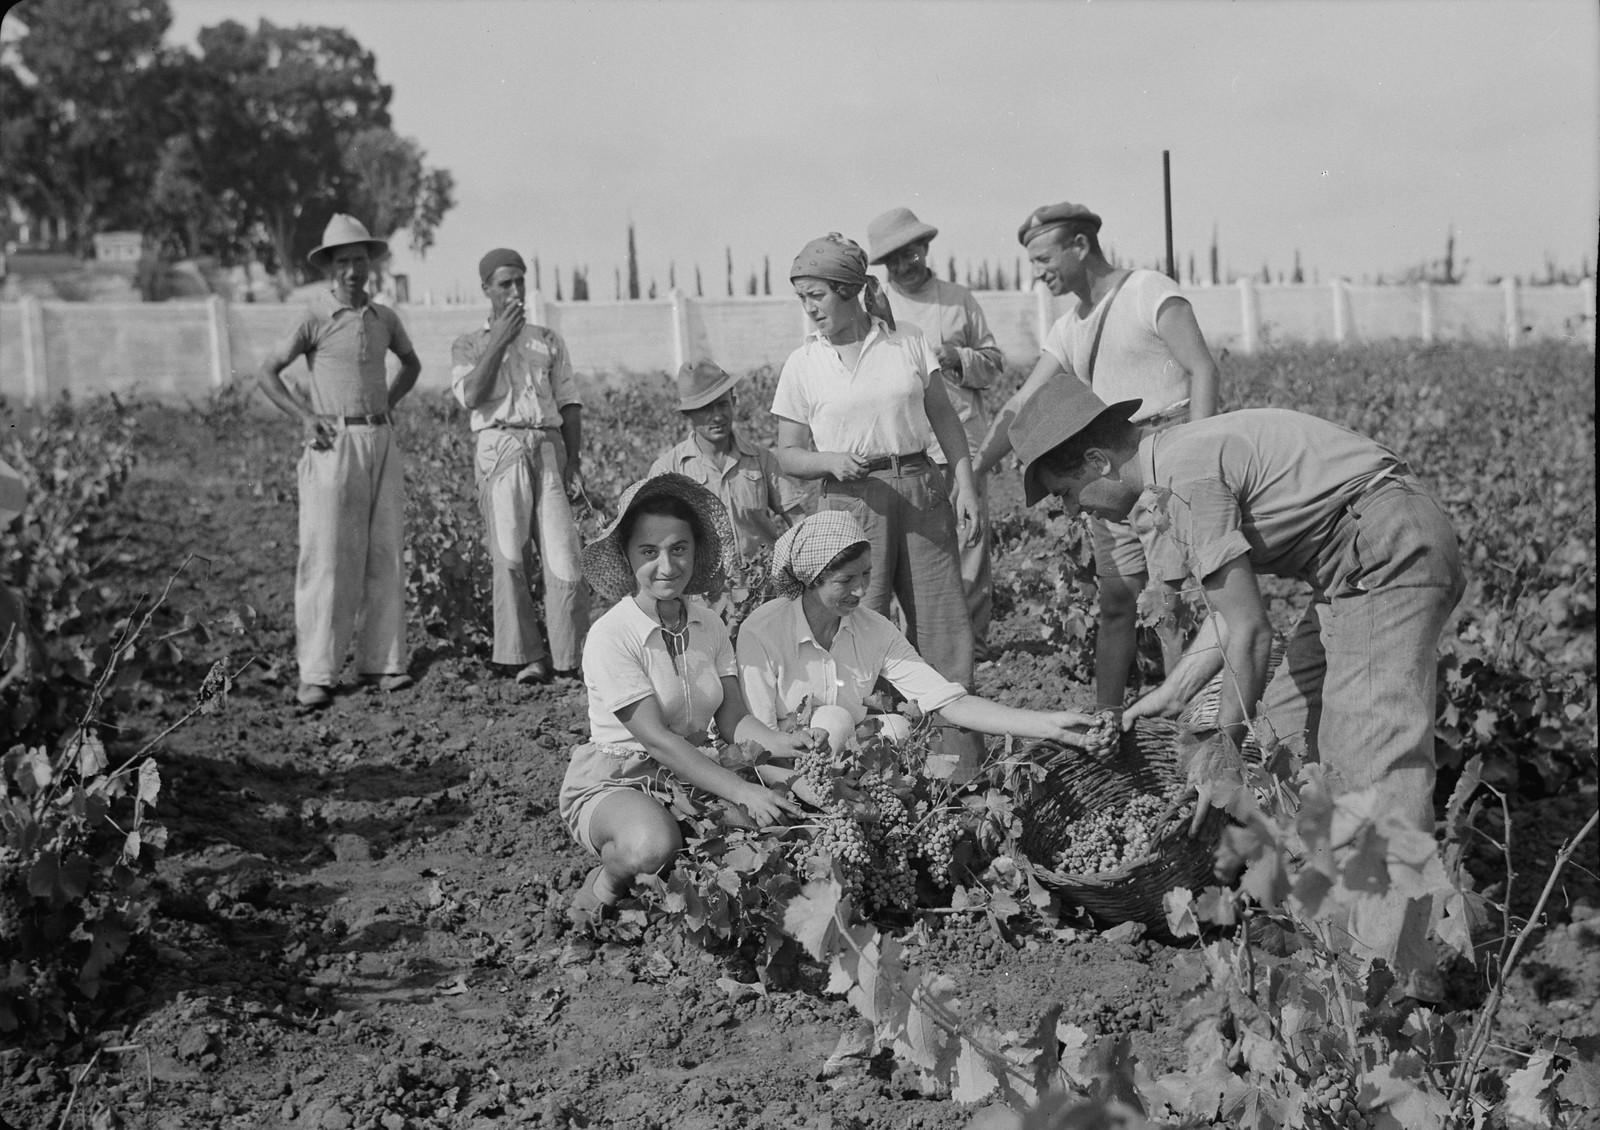 09. Группа сборщиков винограда и военнизированная охрана